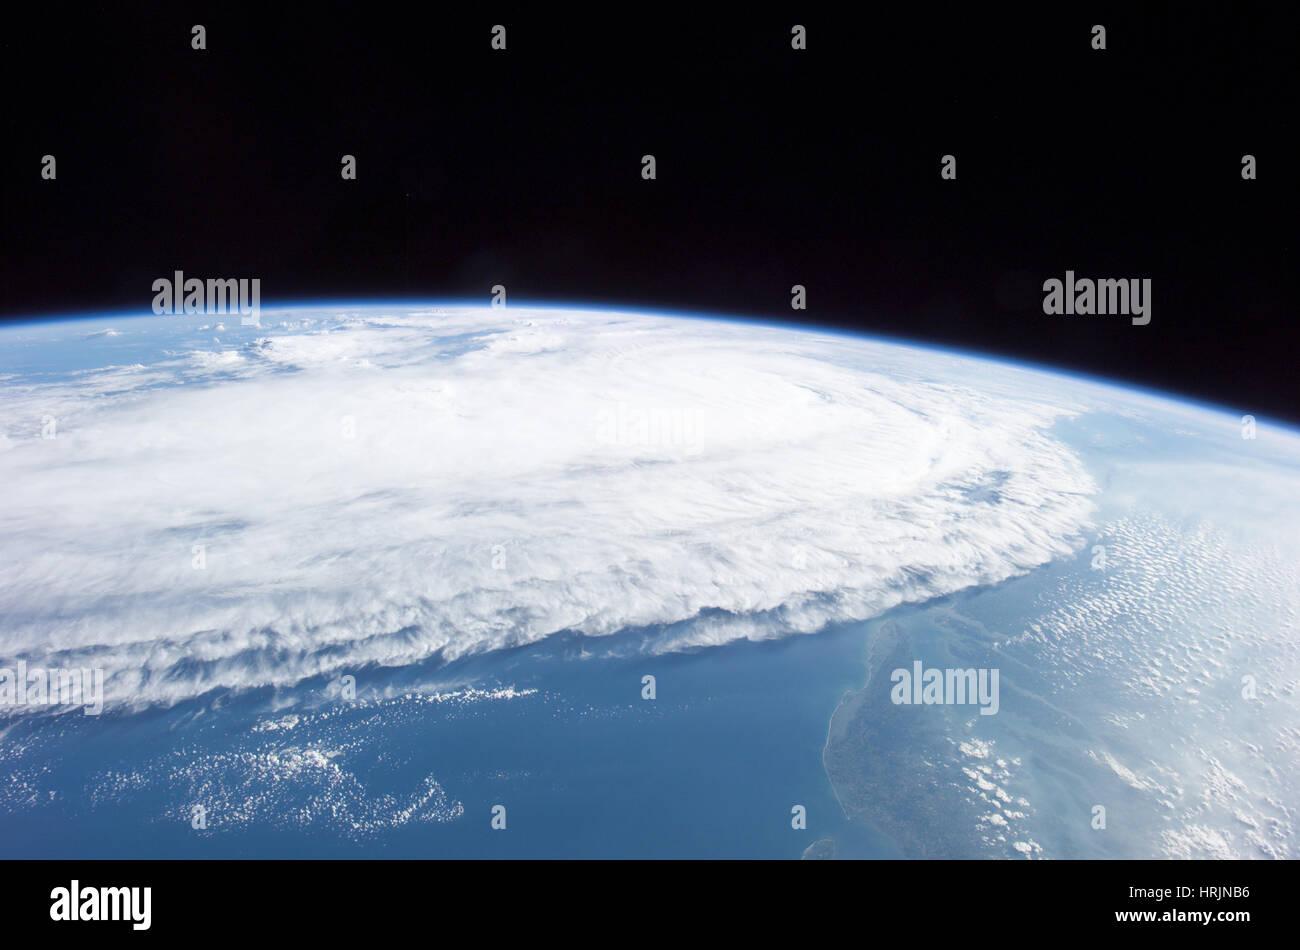 El Huracán Ophelia, imagen ISS, 2005 Imagen De Stock